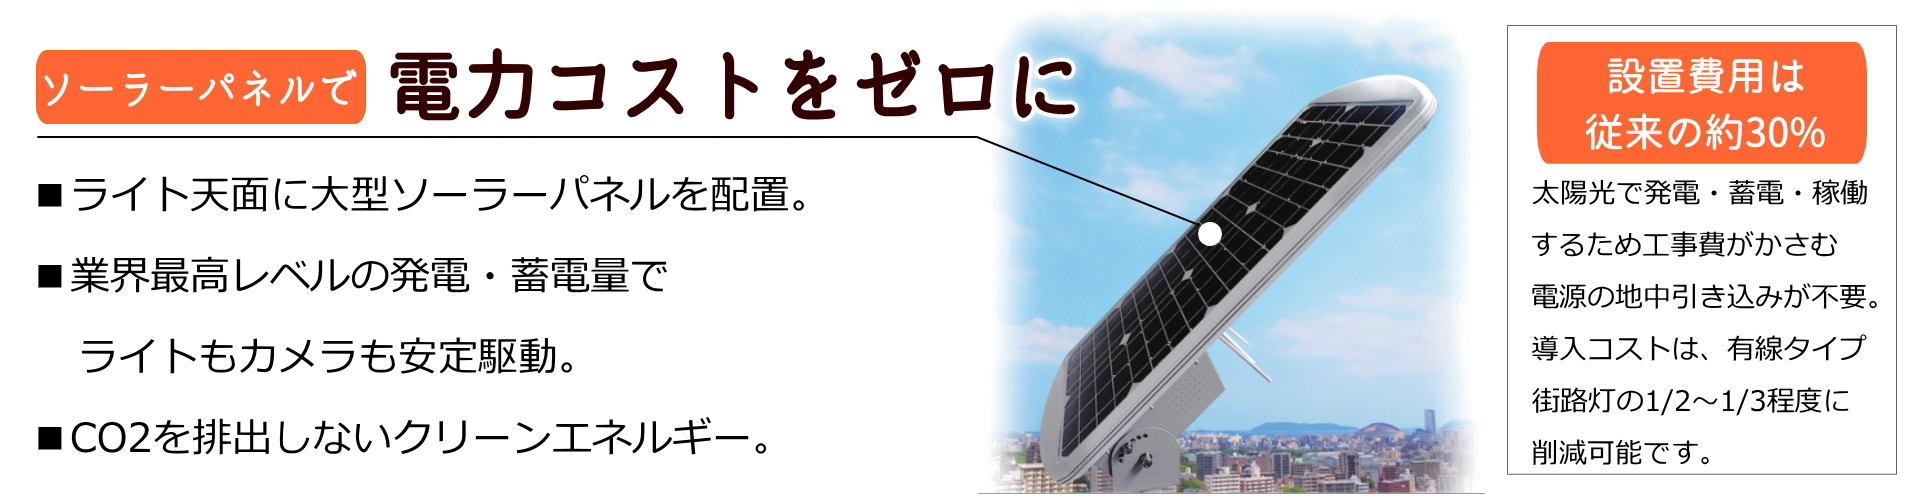 ソーラーパネルで電力コストをゼロに